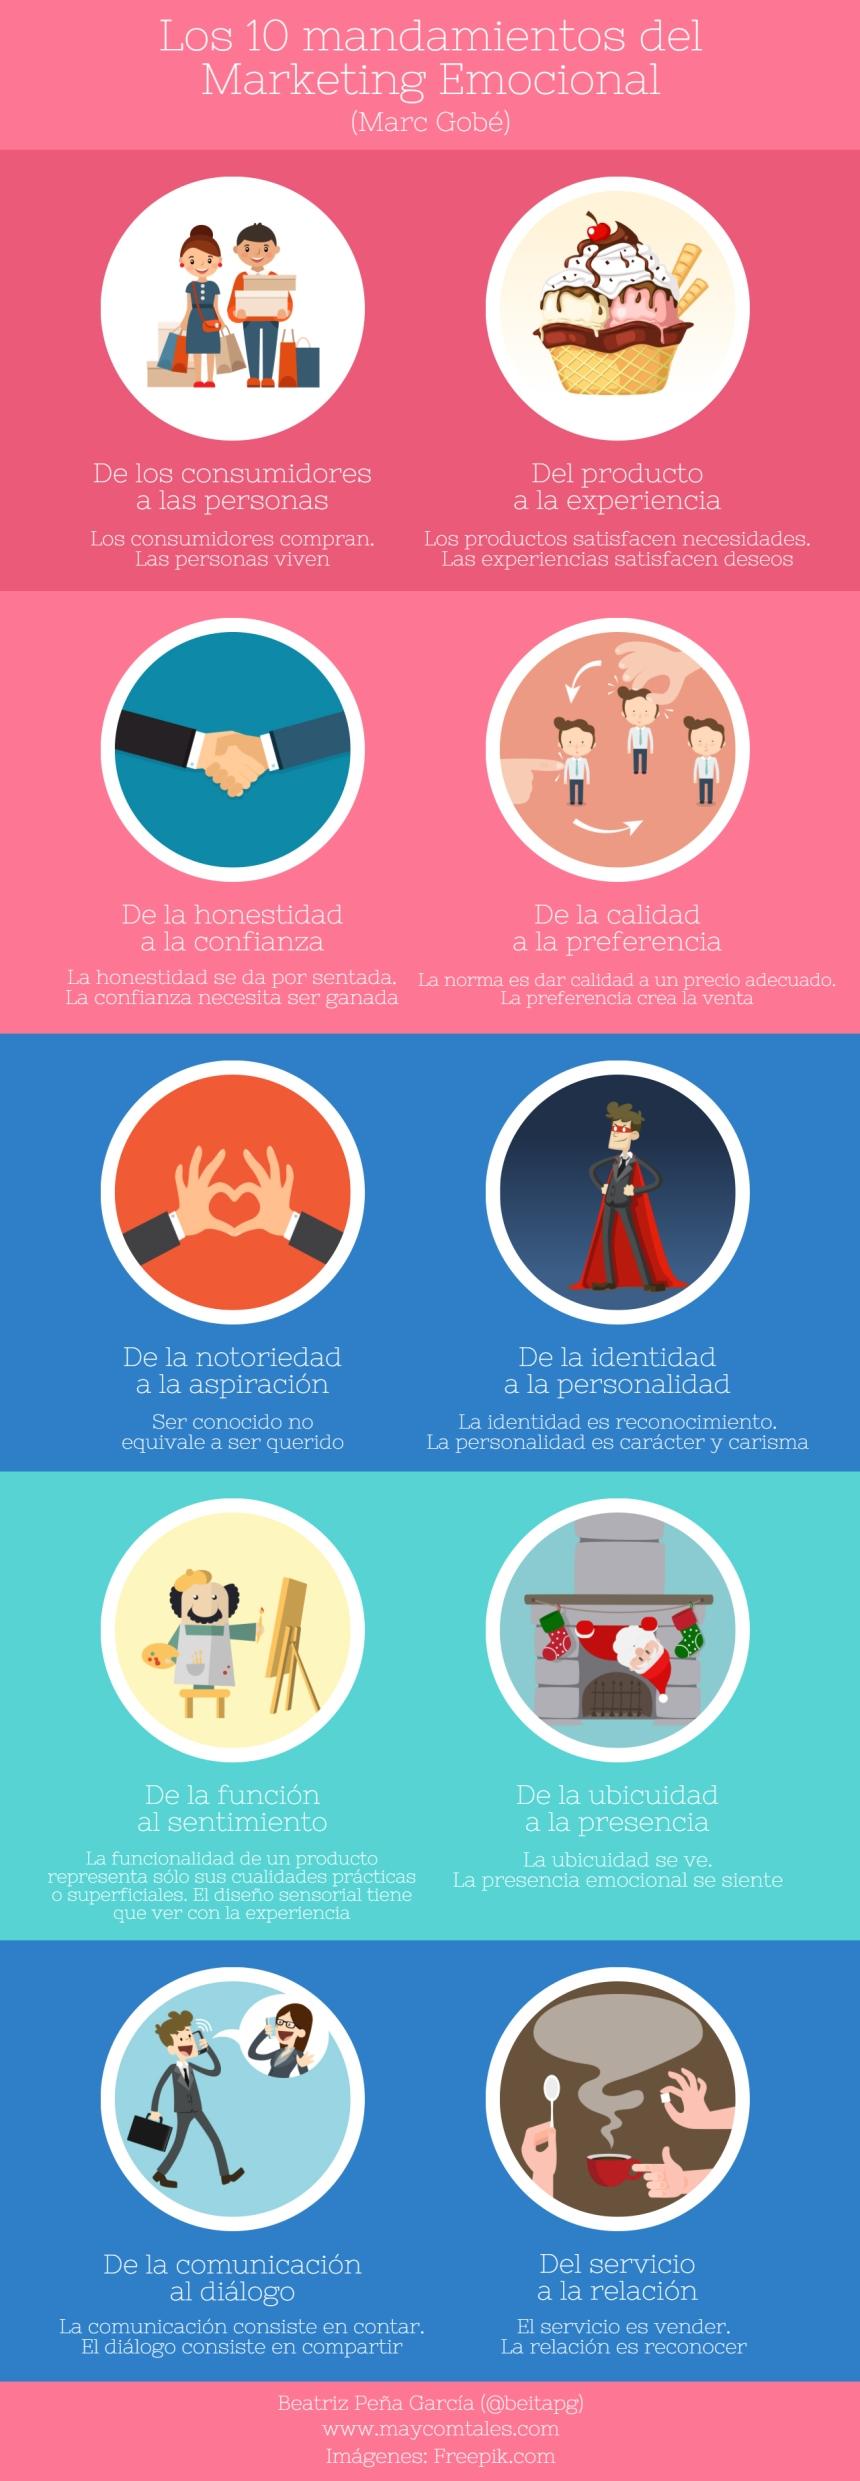 10 mandamientos del Marketing Emocional